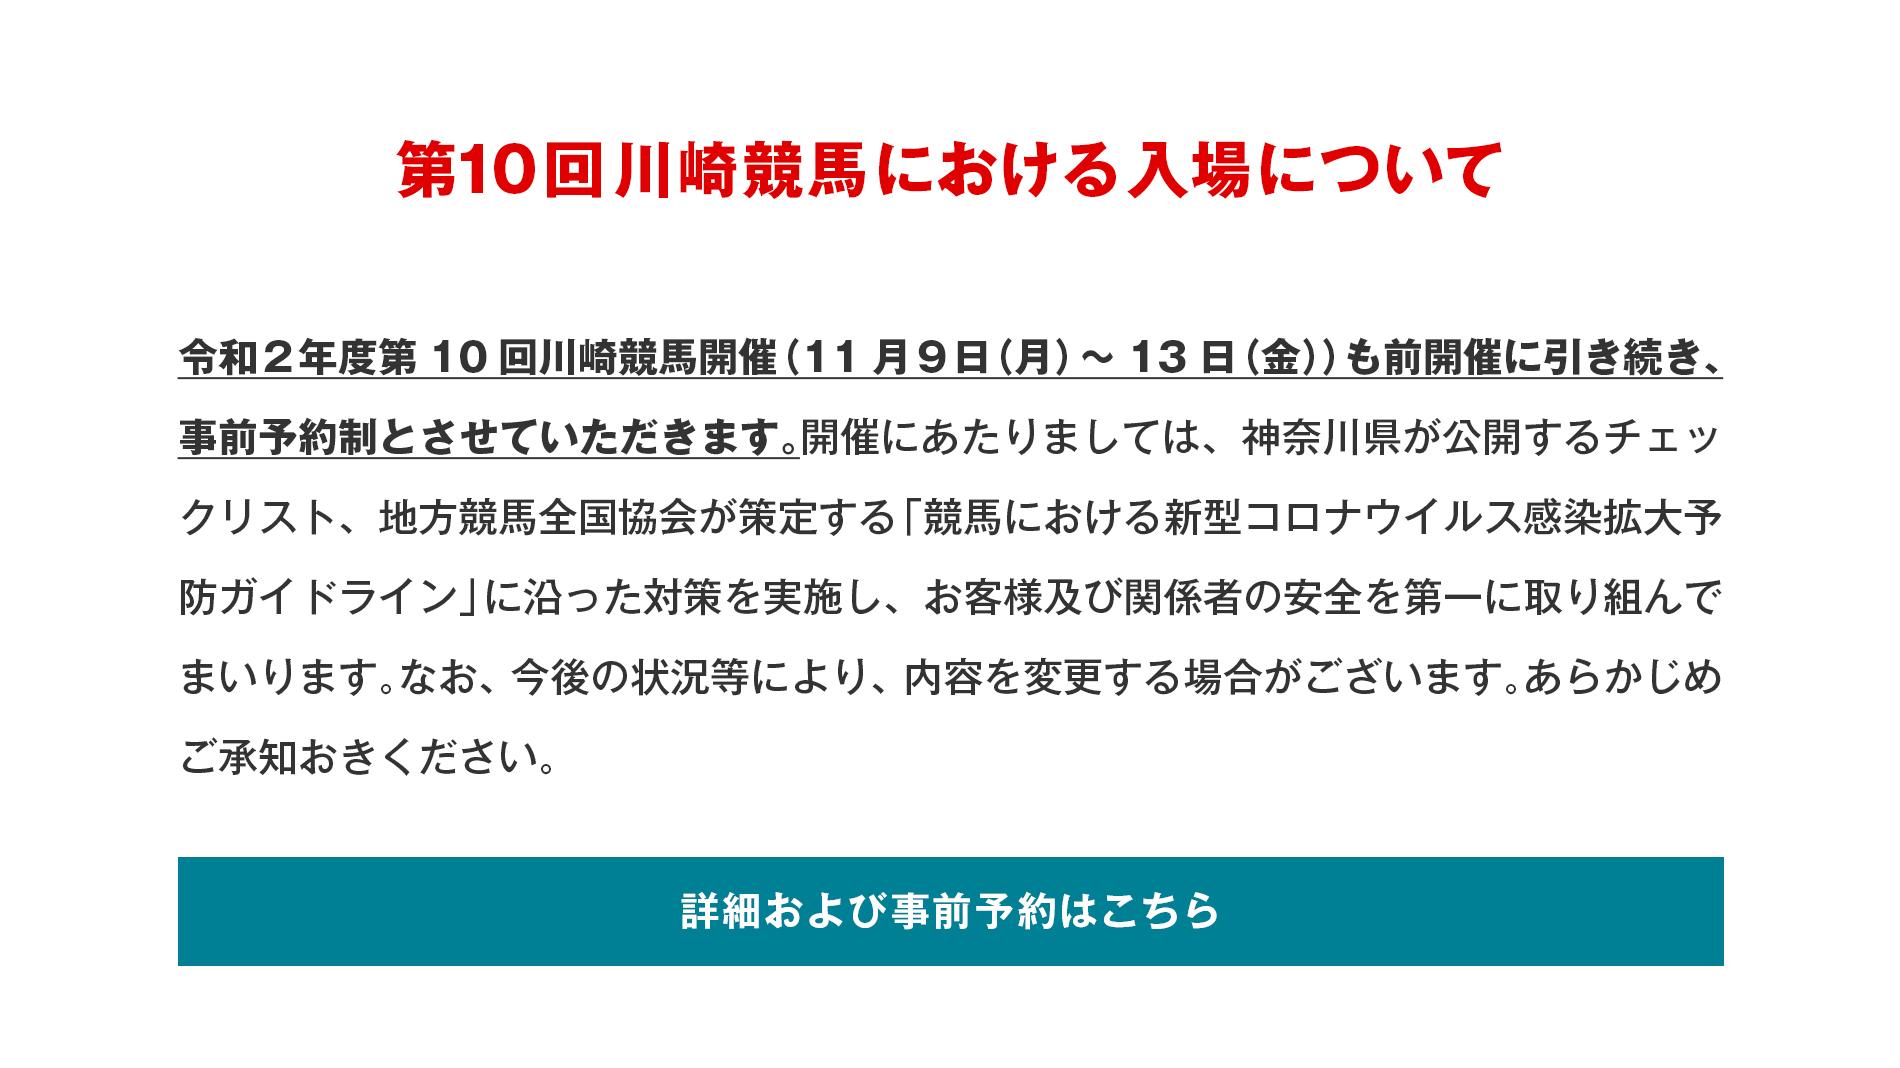 第10回川崎競馬における入場について